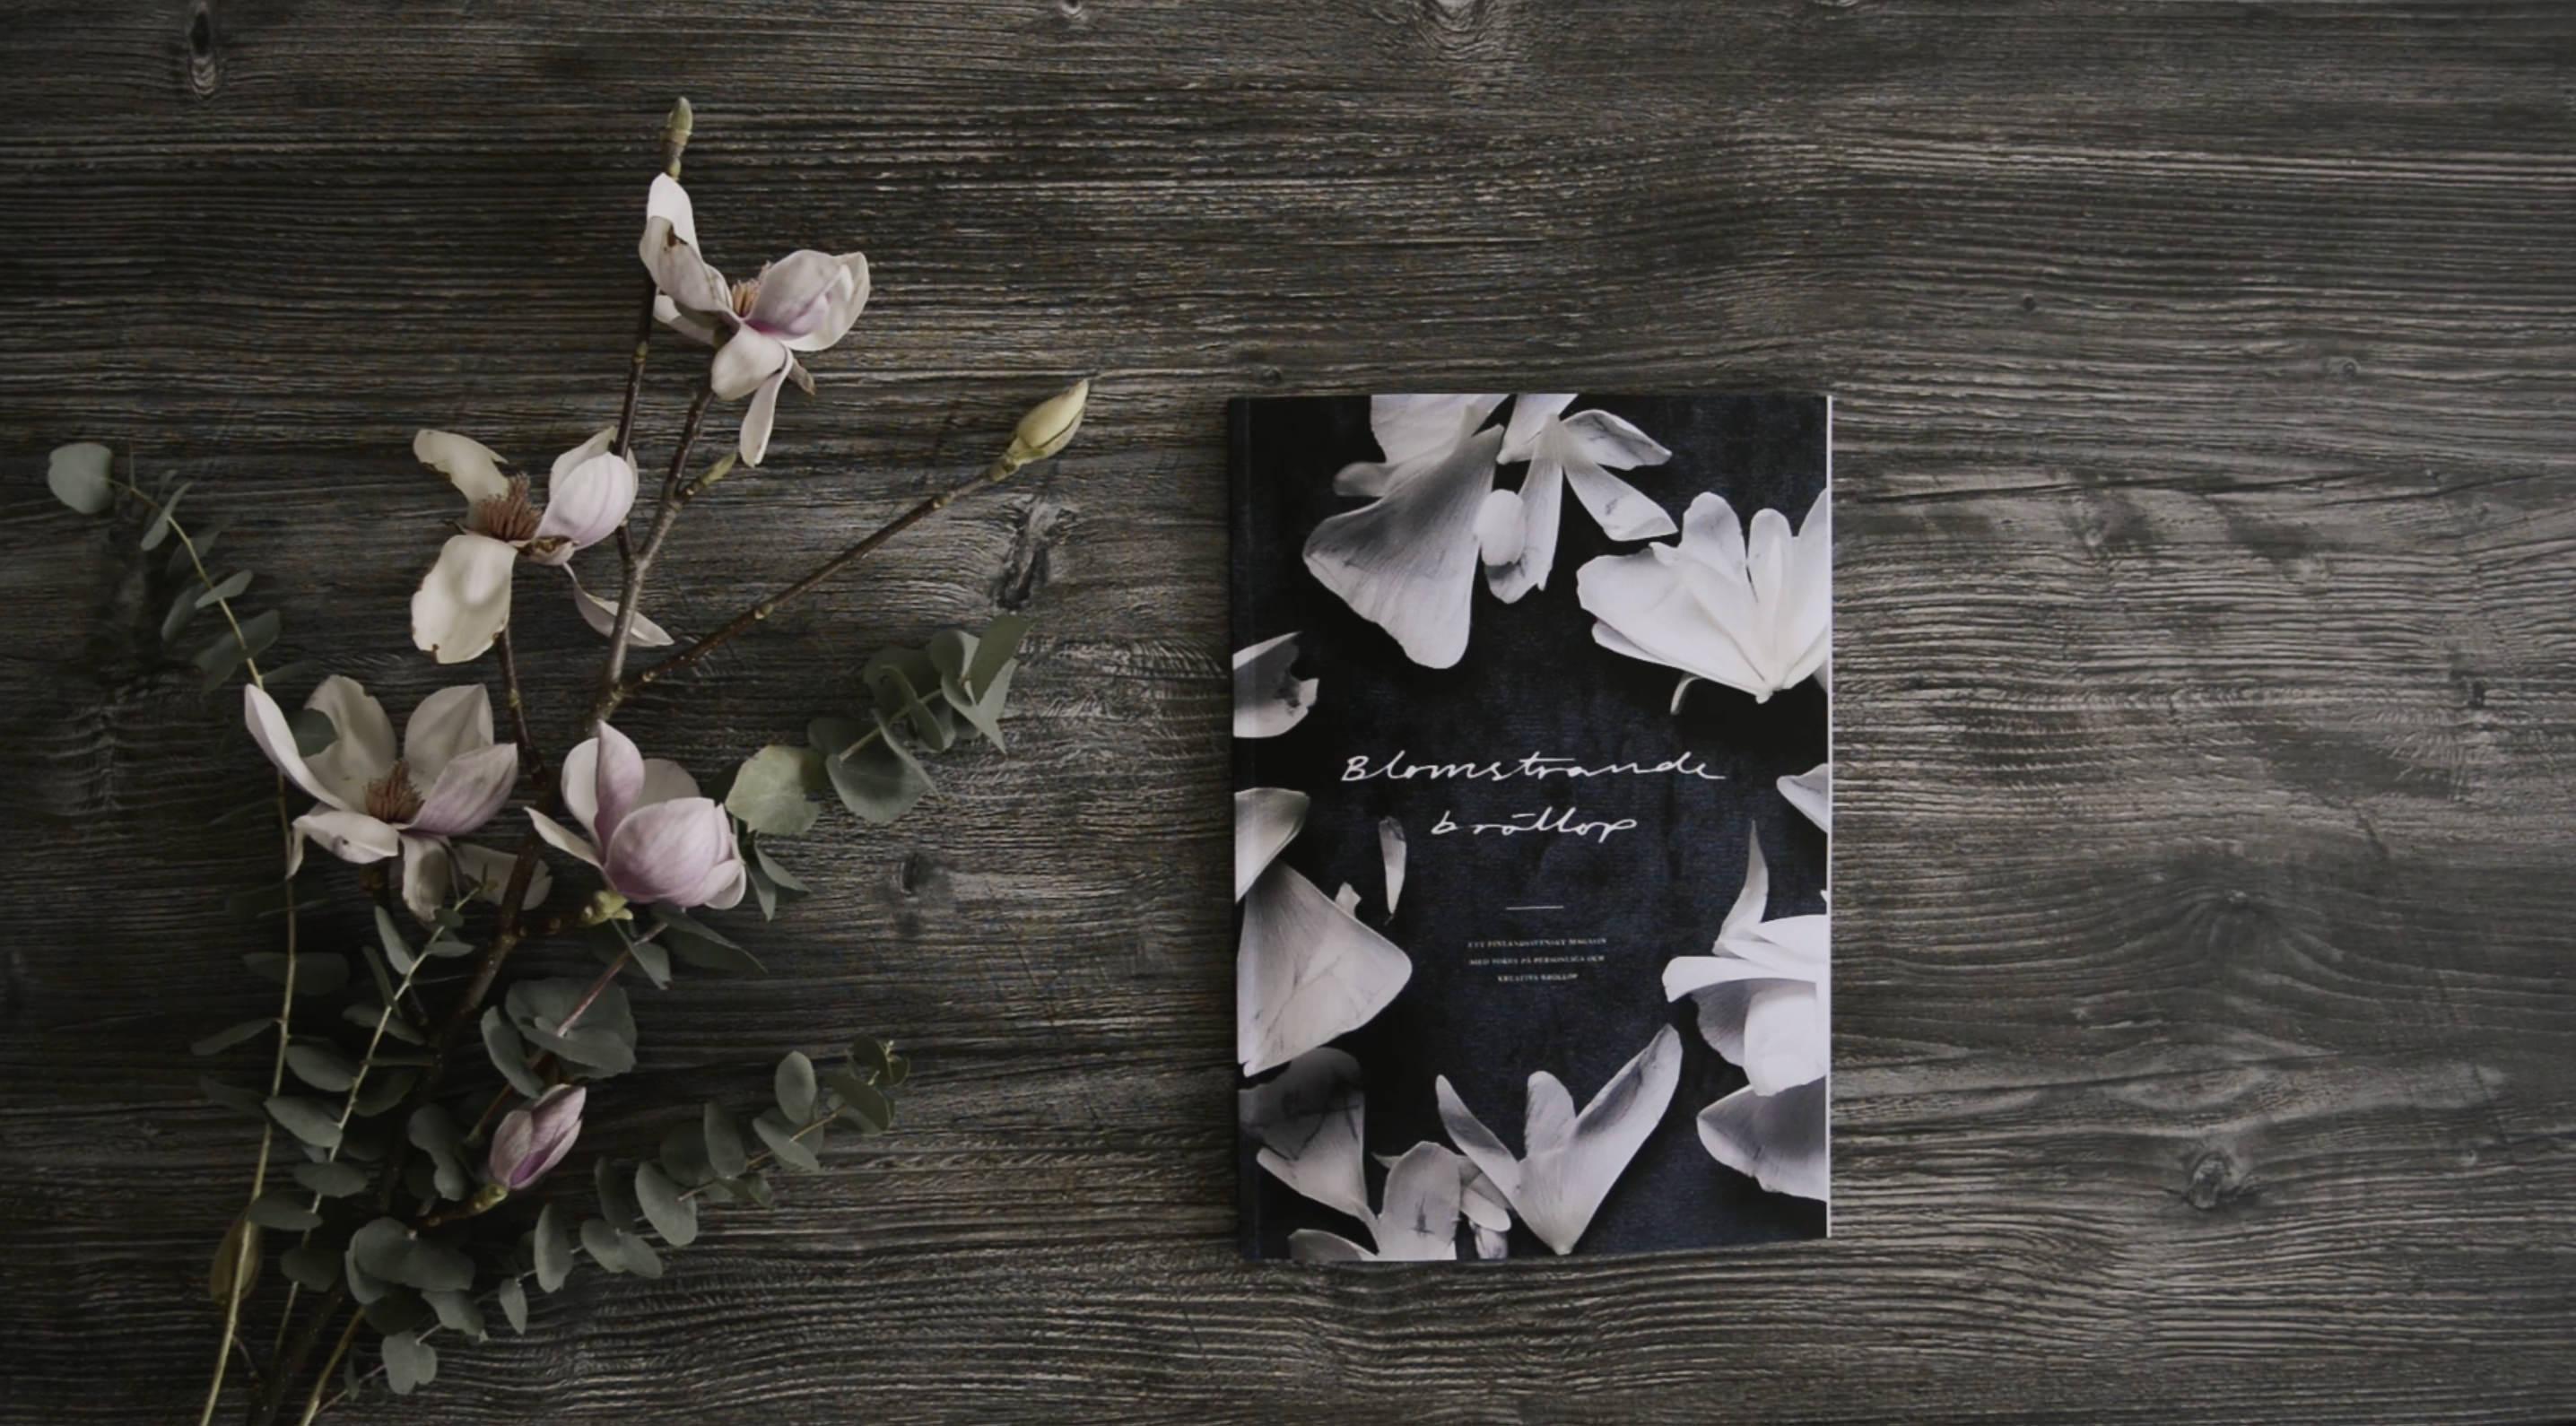 Blomstrande bröllop wedding magazine